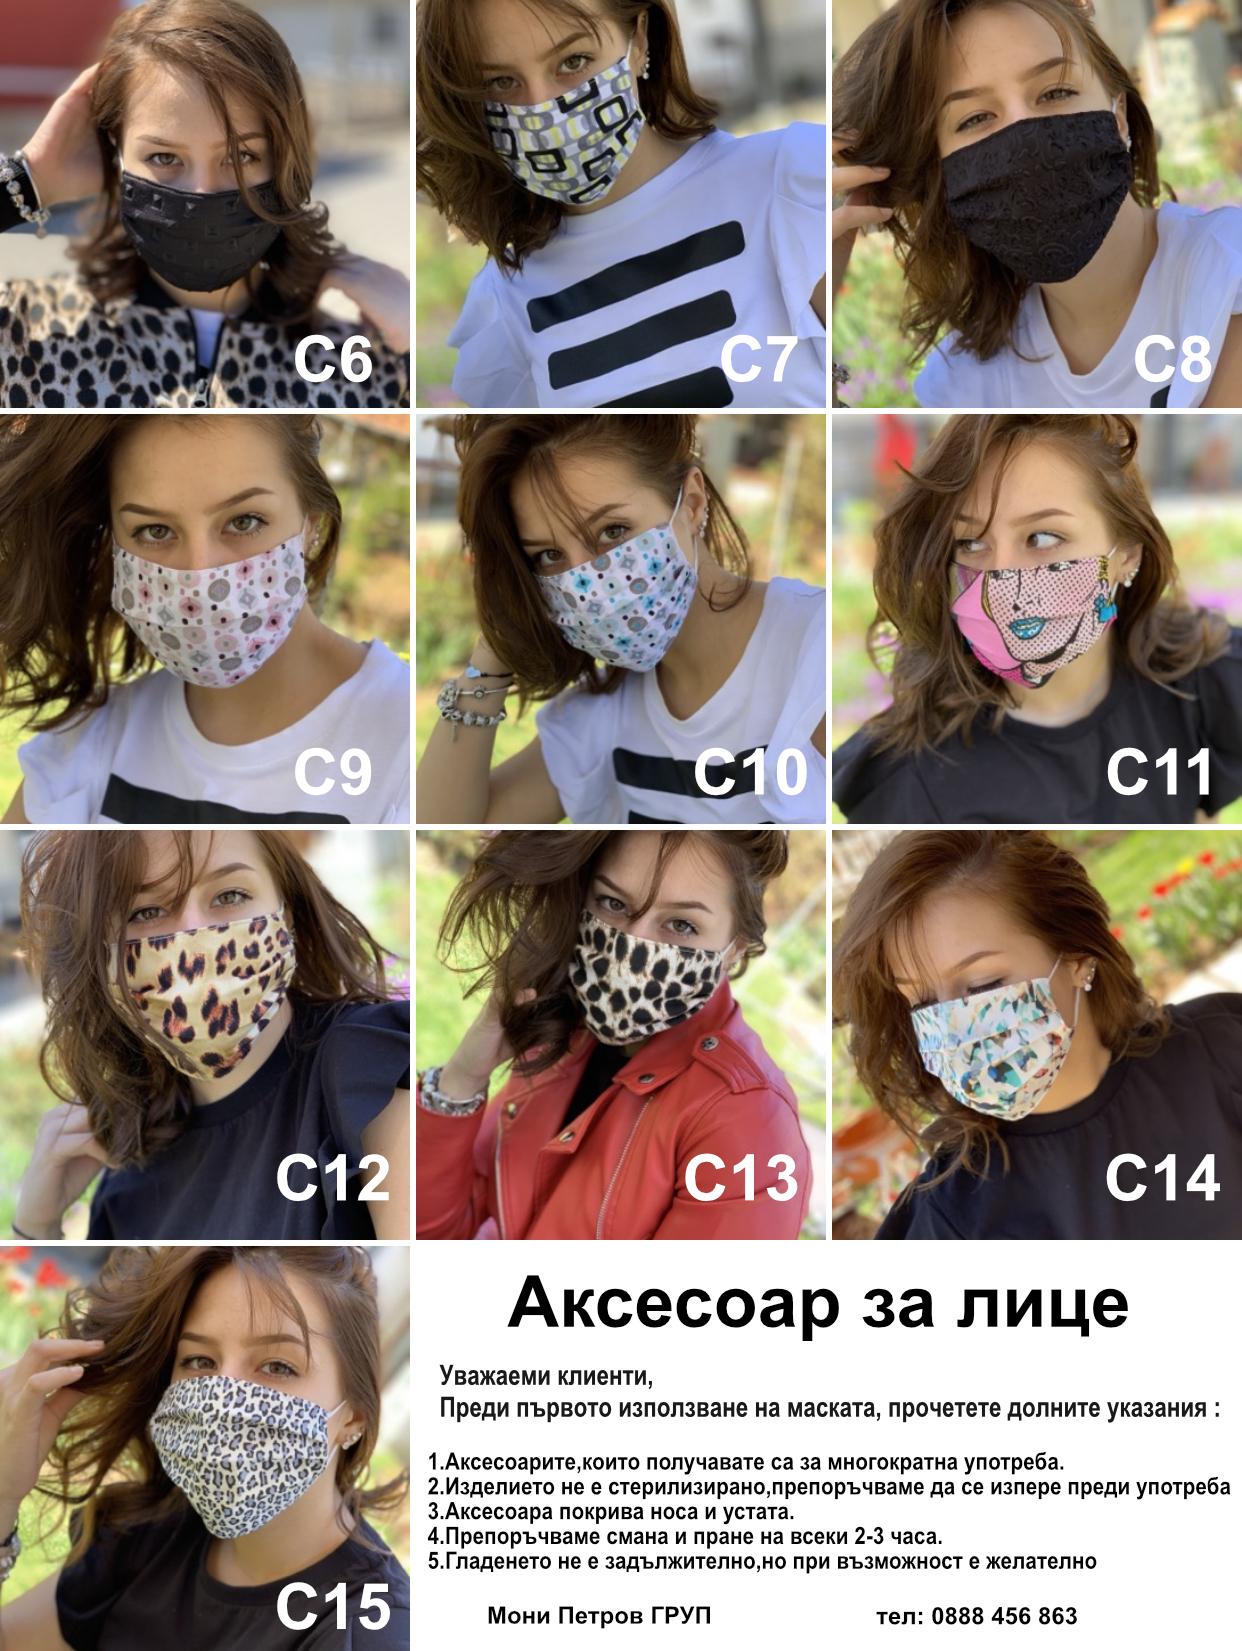 АКСЕСОАР ЗА ЛИЦЕ МОДЕЛ С9 1